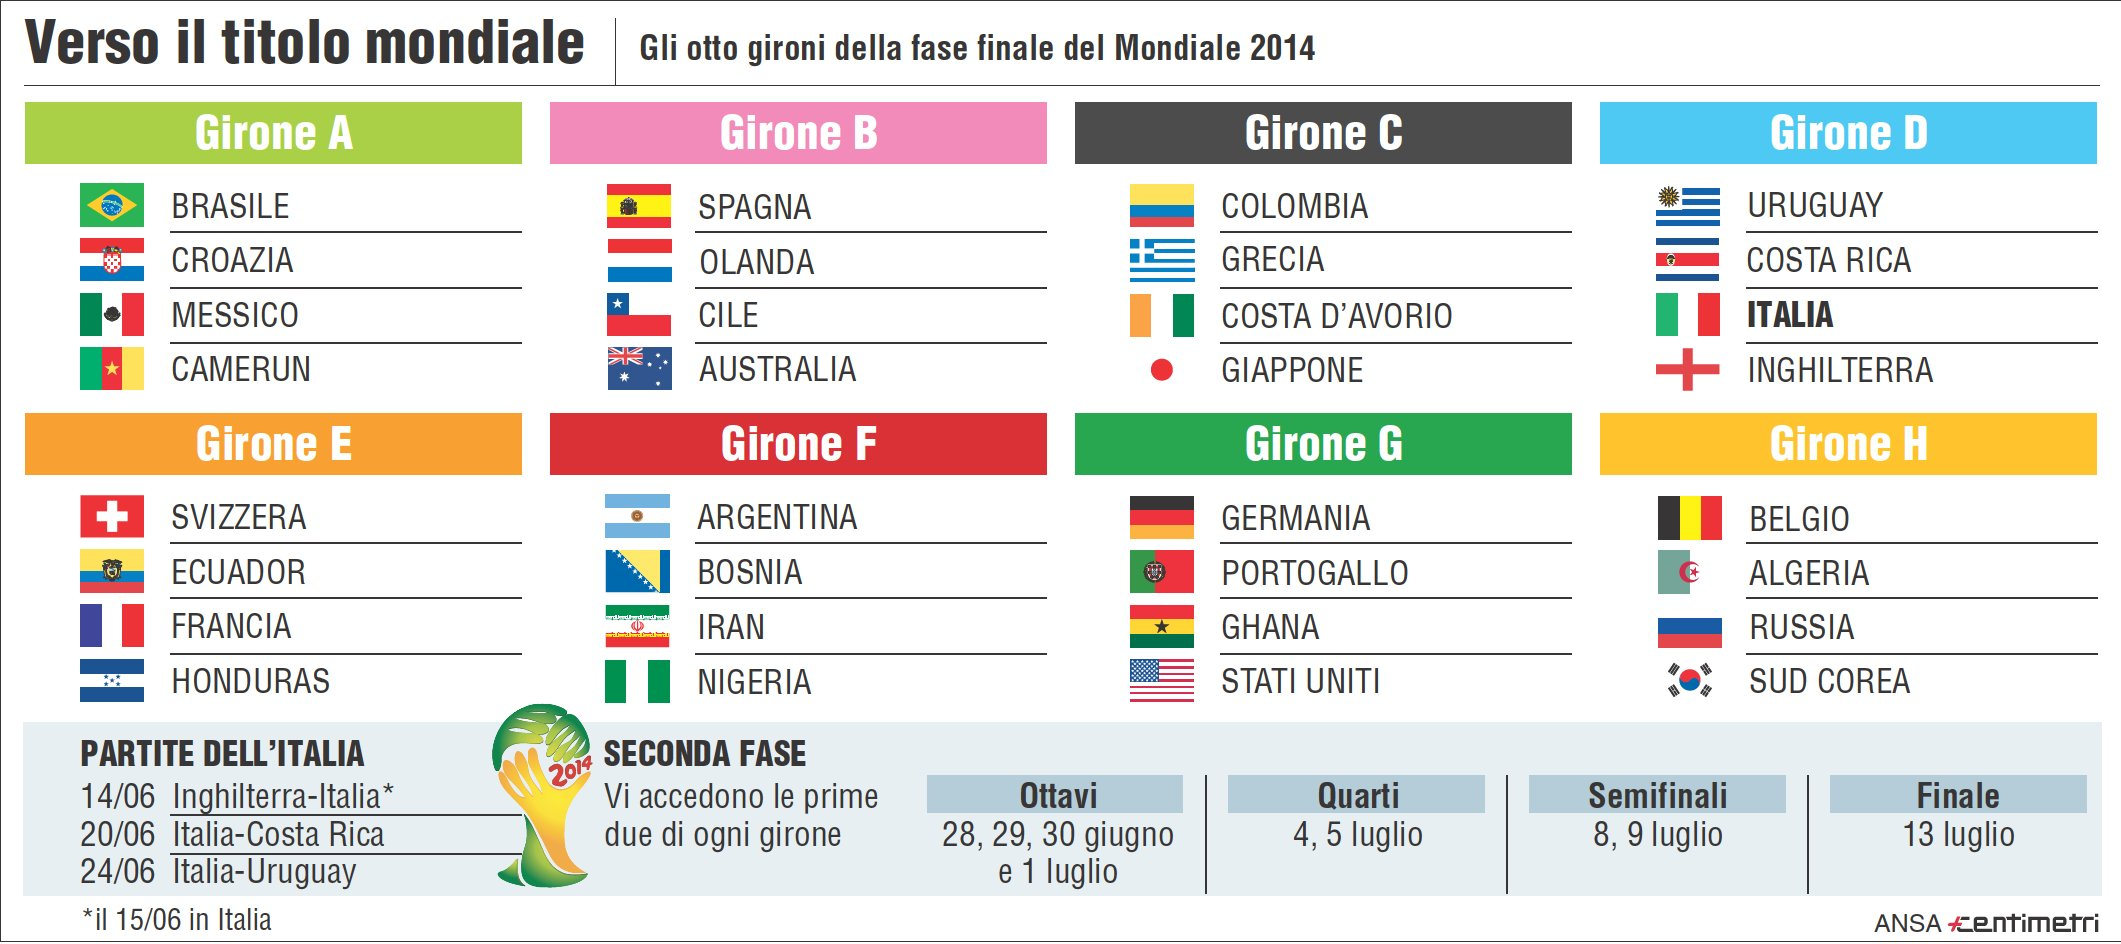 Mondiale Russia Calendario.Calendario Dei Mondiali 2014 Gli Orari E Le Partite Dell Italia